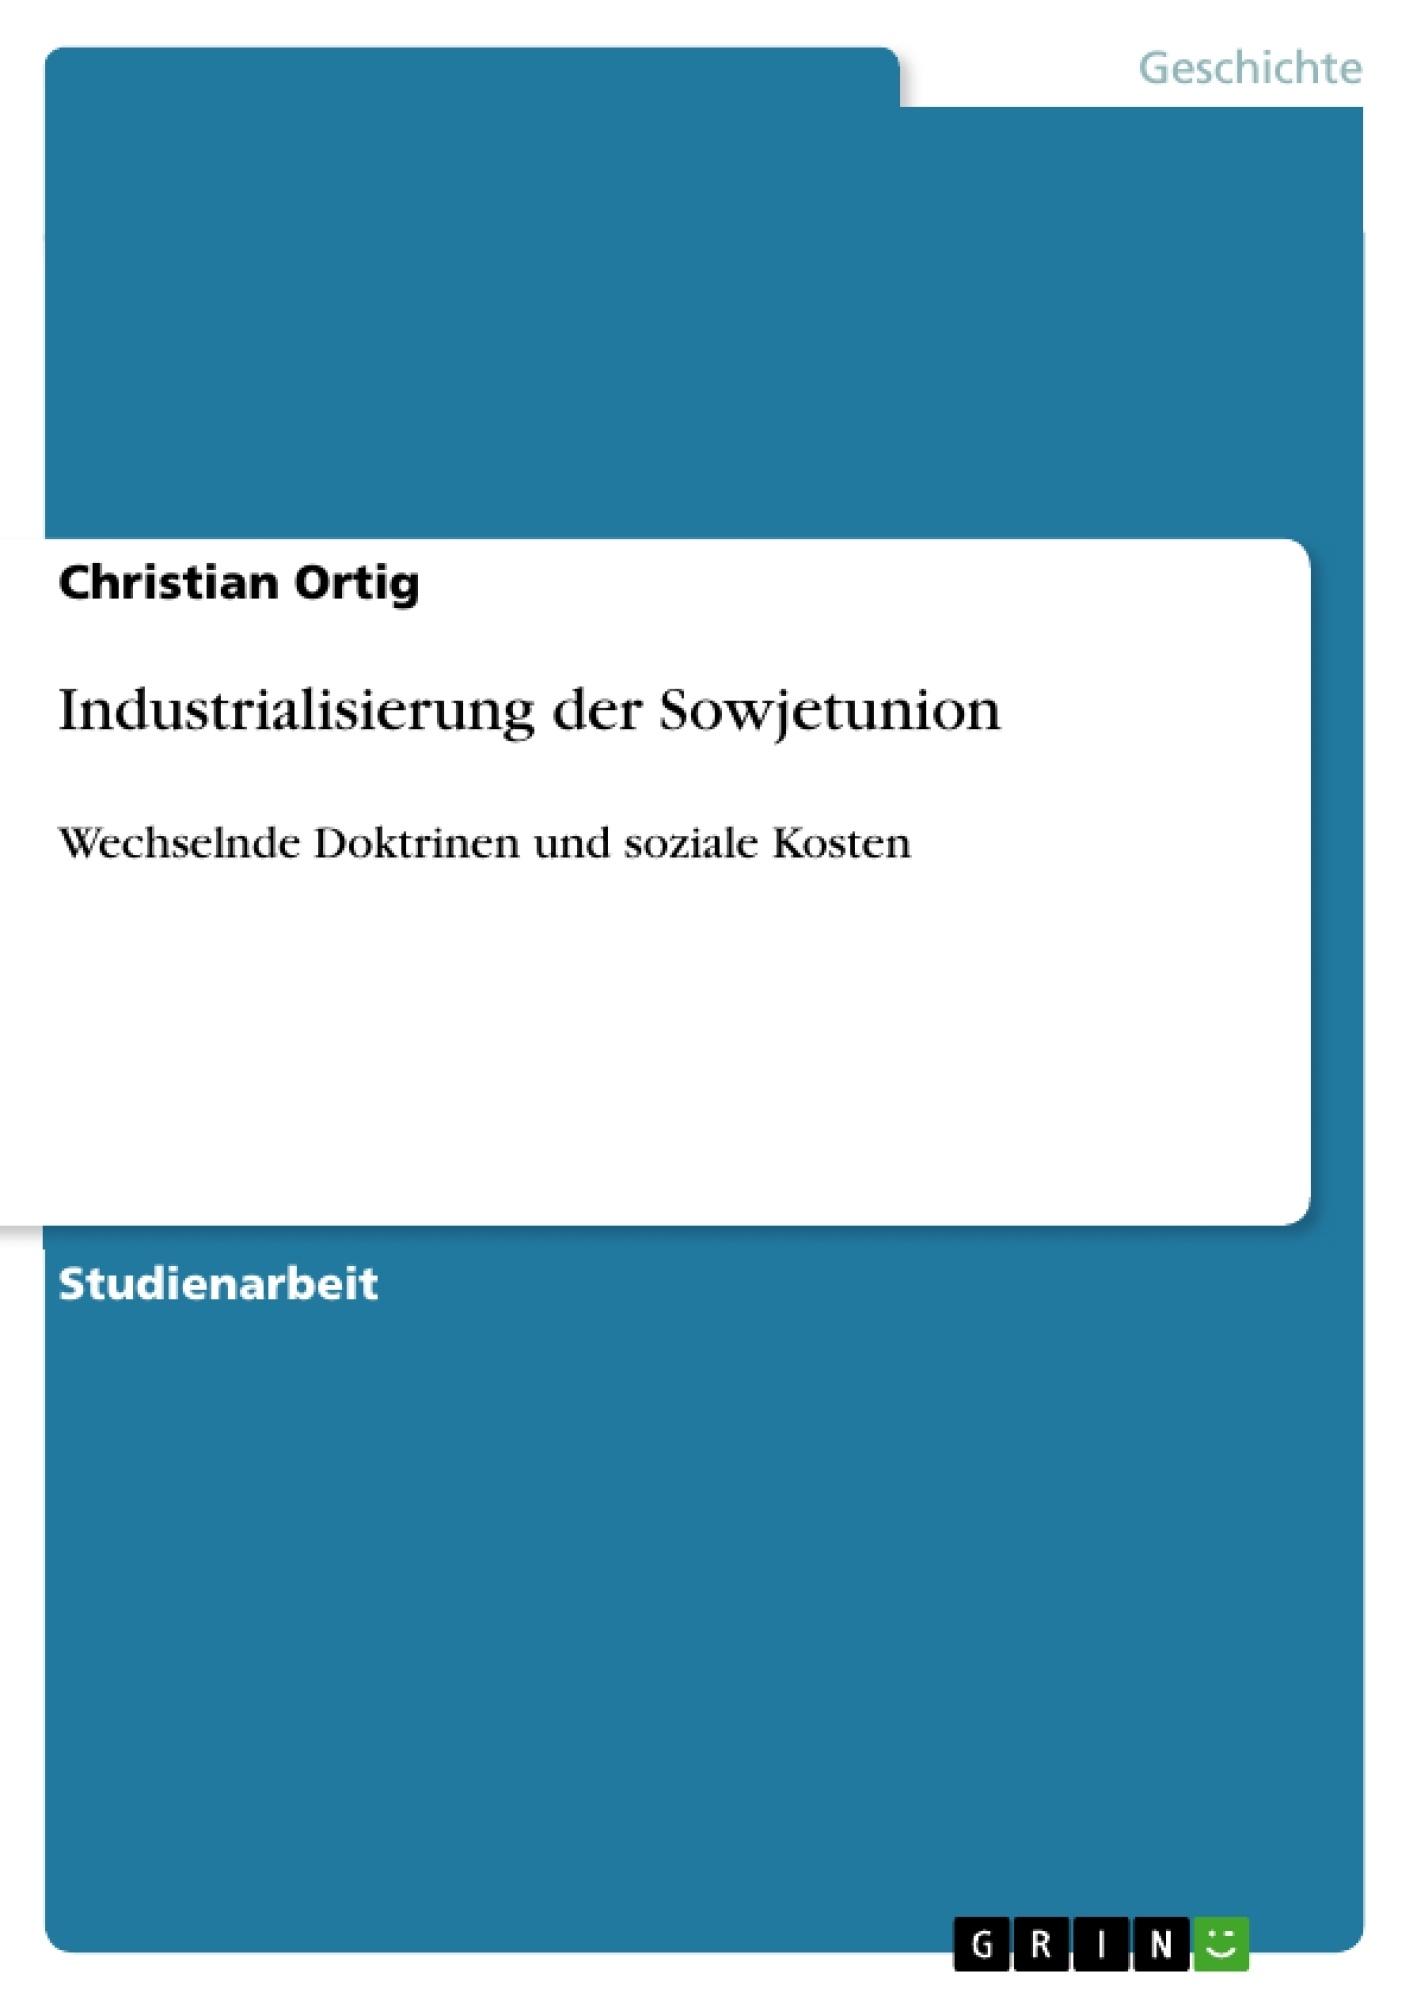 Industrialisierung der sowjetunion masterarbeit for Minimalismus hausarbeit